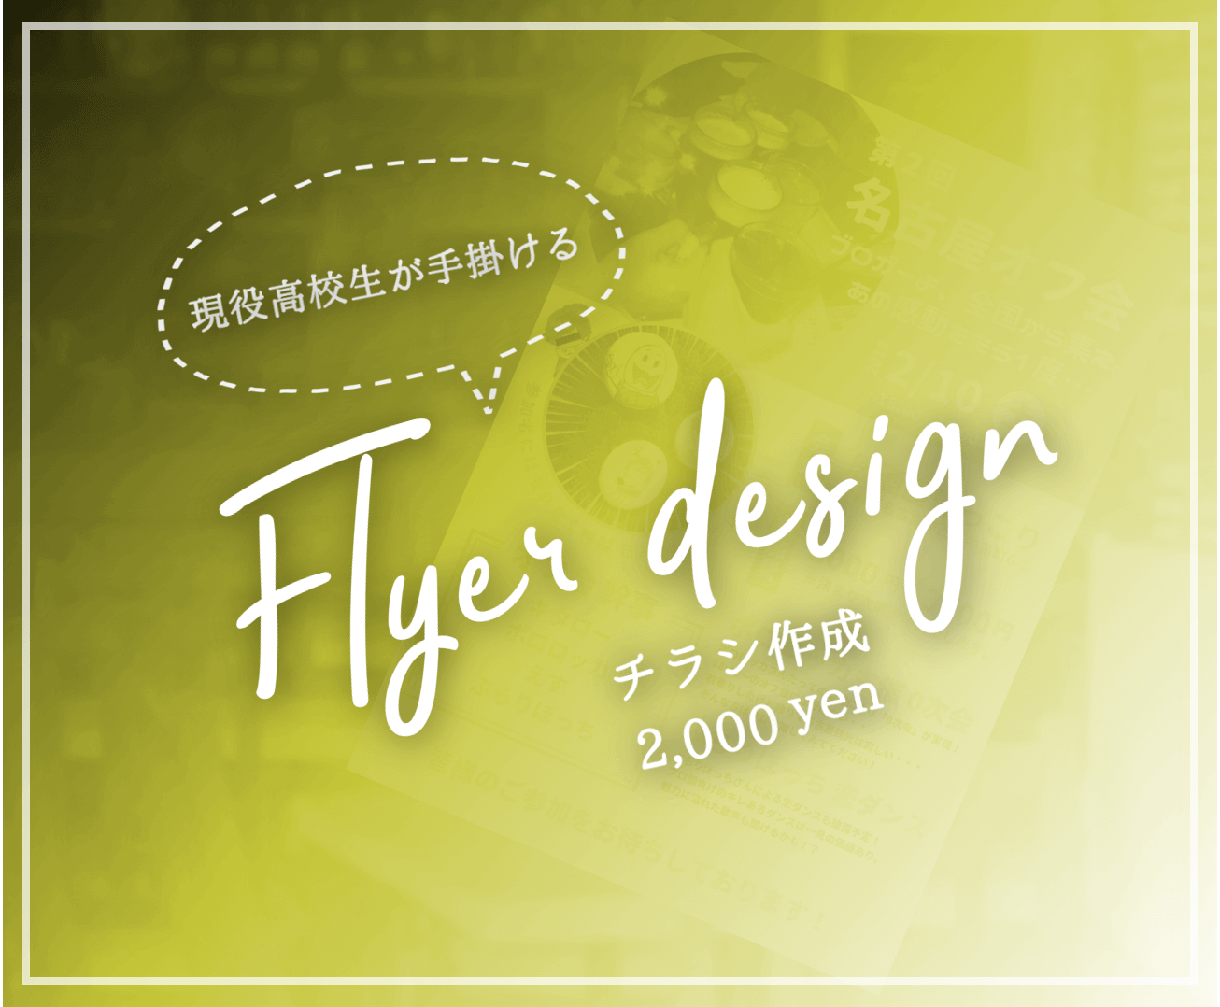 気取らないデザインのチラシを作成します 1枚2000円!どんなご要望にも全力で対応します!